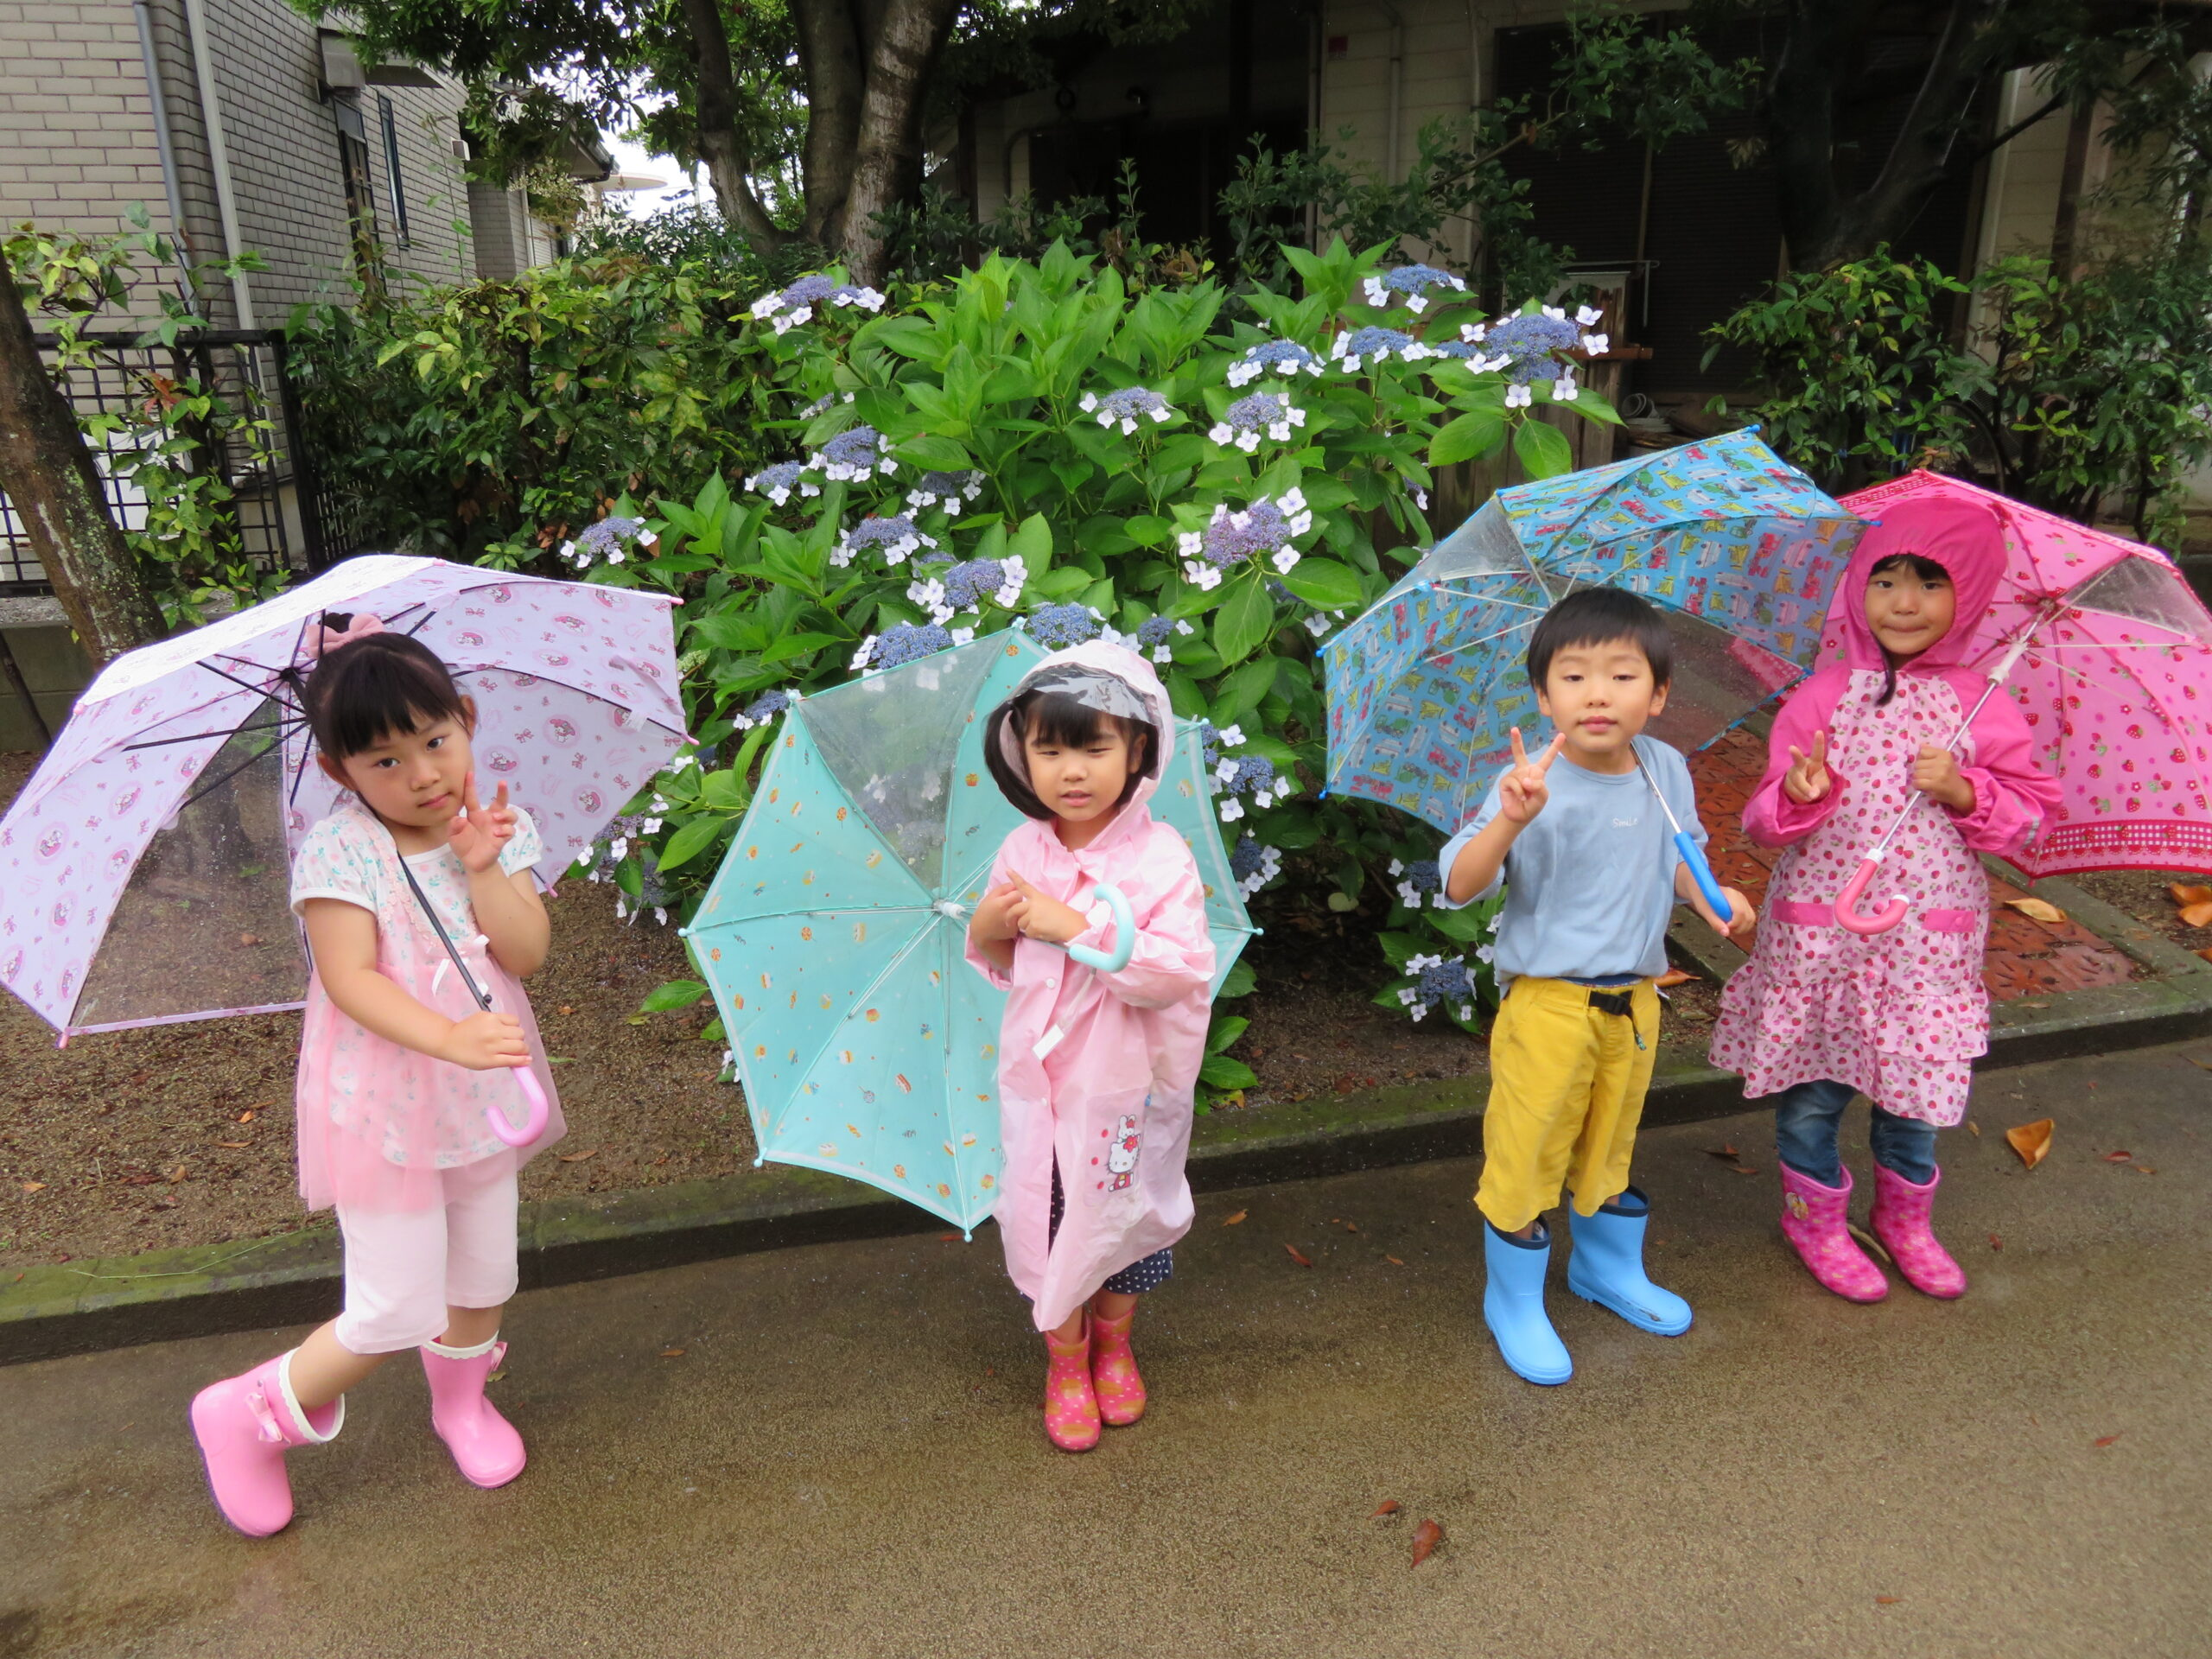 お気に入りの傘や長靴を身につけて楽しむことができました!